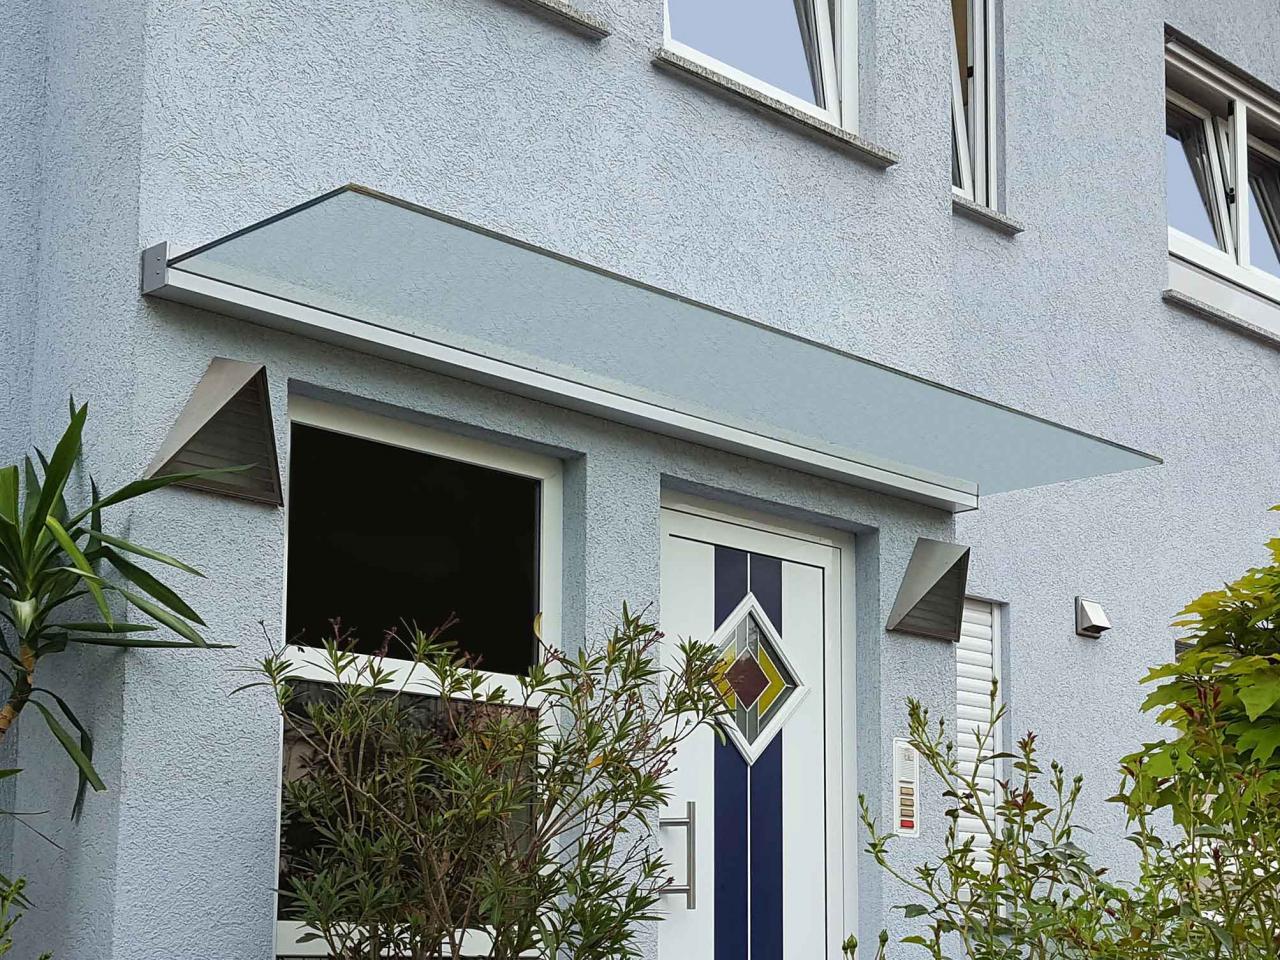 Vordach mit seitenwand rexovita seitenwand 1 00m protect - Vordach mit seitenwand ...